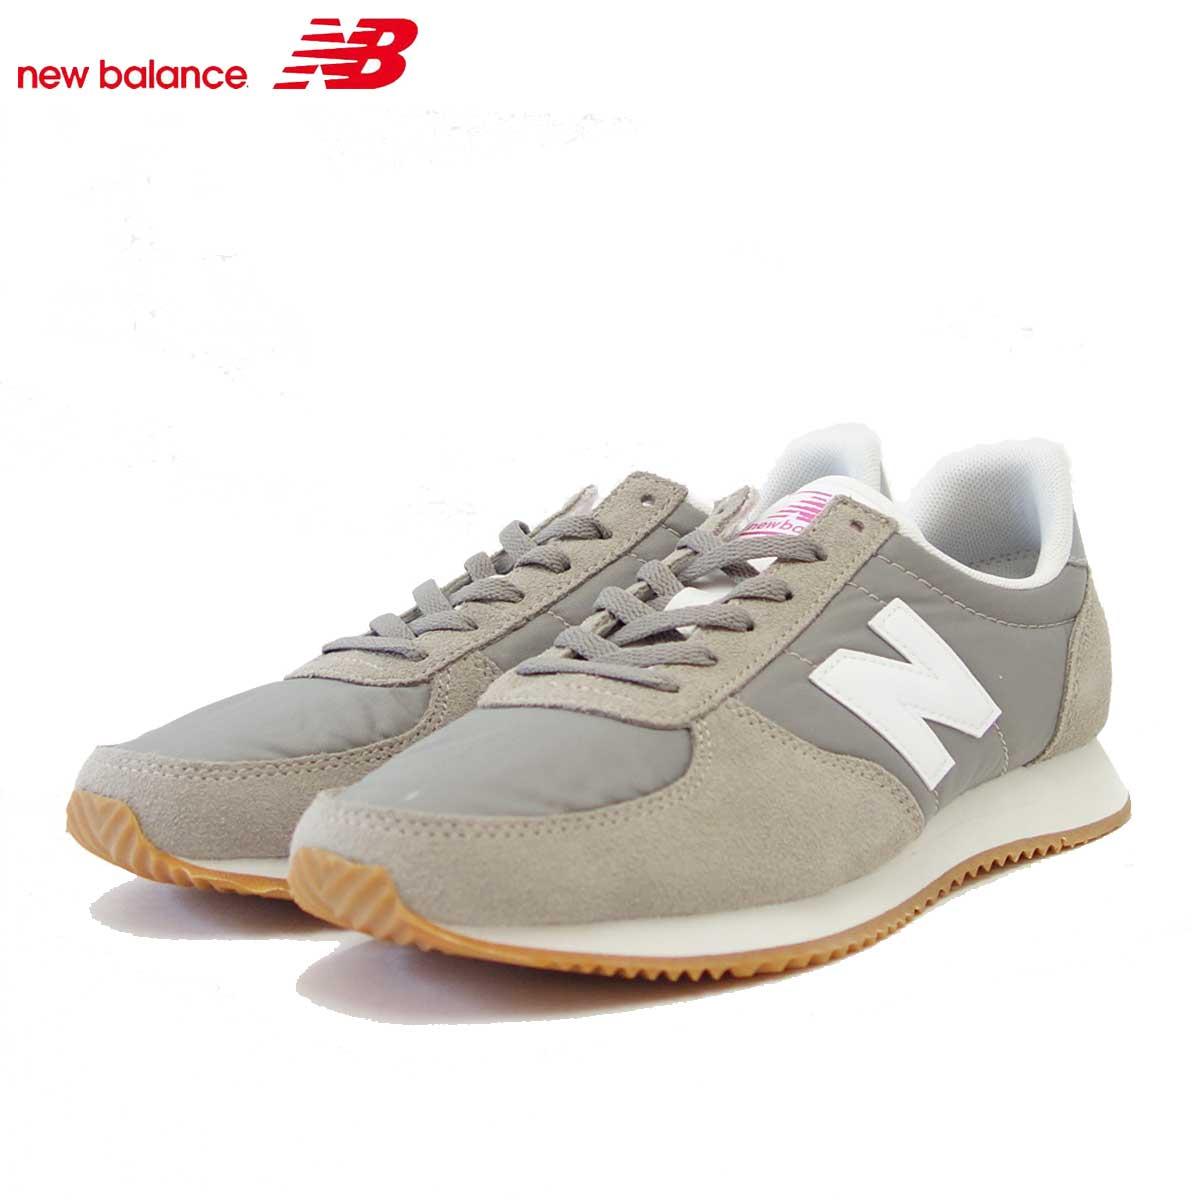 new balance ニューバランス WL220CLD グレー (レディース) クラシックなランニングシューズ 「靴」